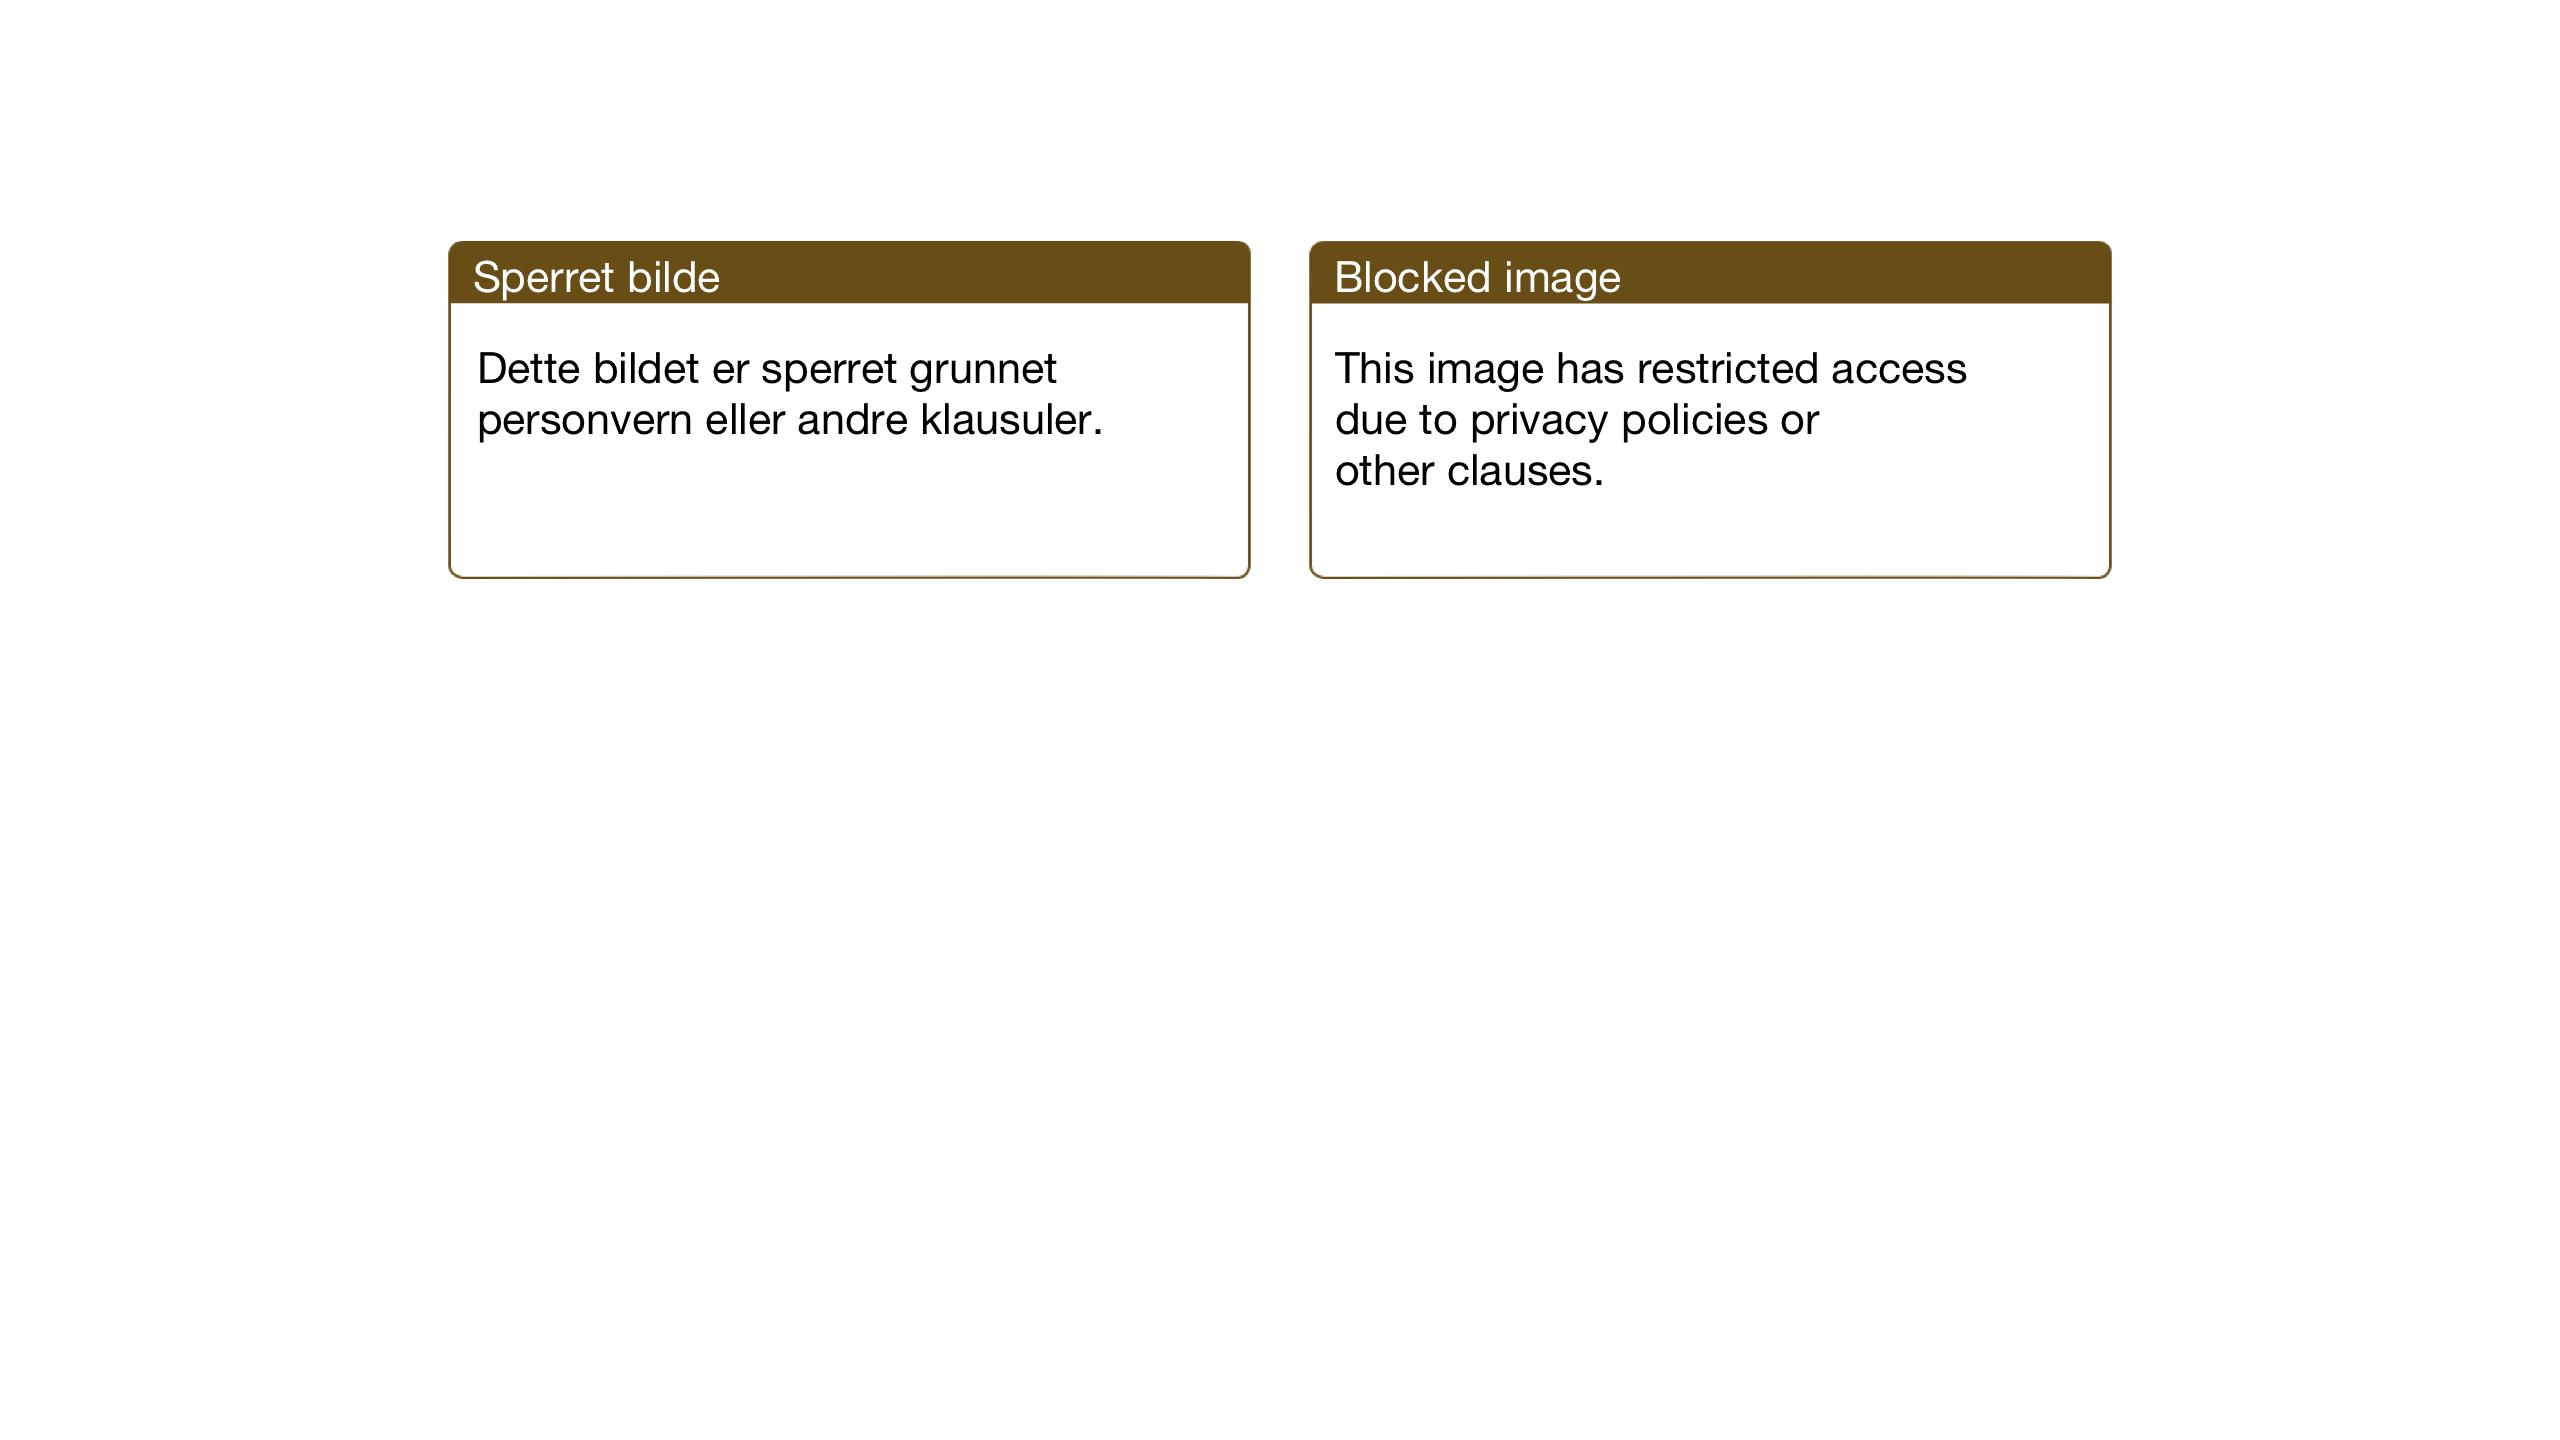 SAT, Ministerialprotokoller, klokkerbøker og fødselsregistre - Sør-Trøndelag, 695/L1158: Klokkerbok nr. 695C09, 1913-1940, s. 134